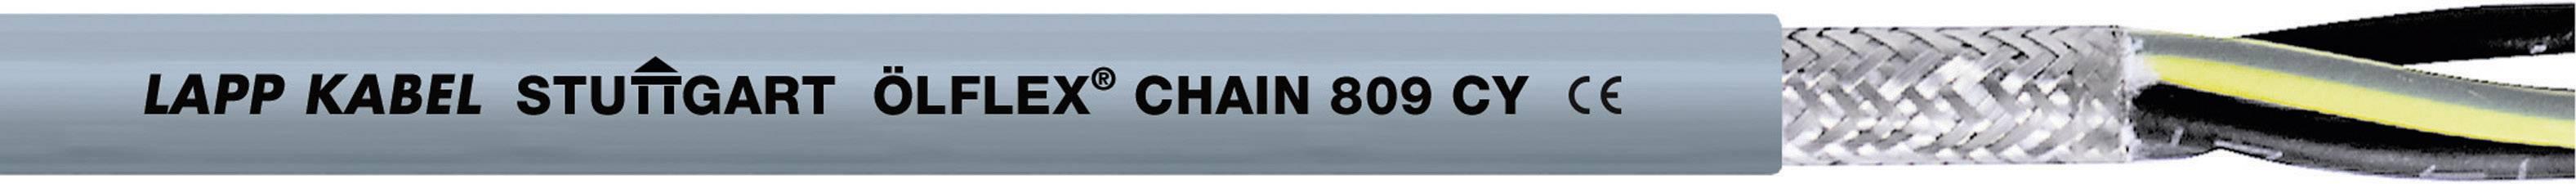 Žíla kabelu LappKabel ÖLFLEX CHAIN 809 CY 4G0,75 (1026761), 4x 0,75 mm², PVC, Ø 7,1 mm, stíněný, 1 m, šedá